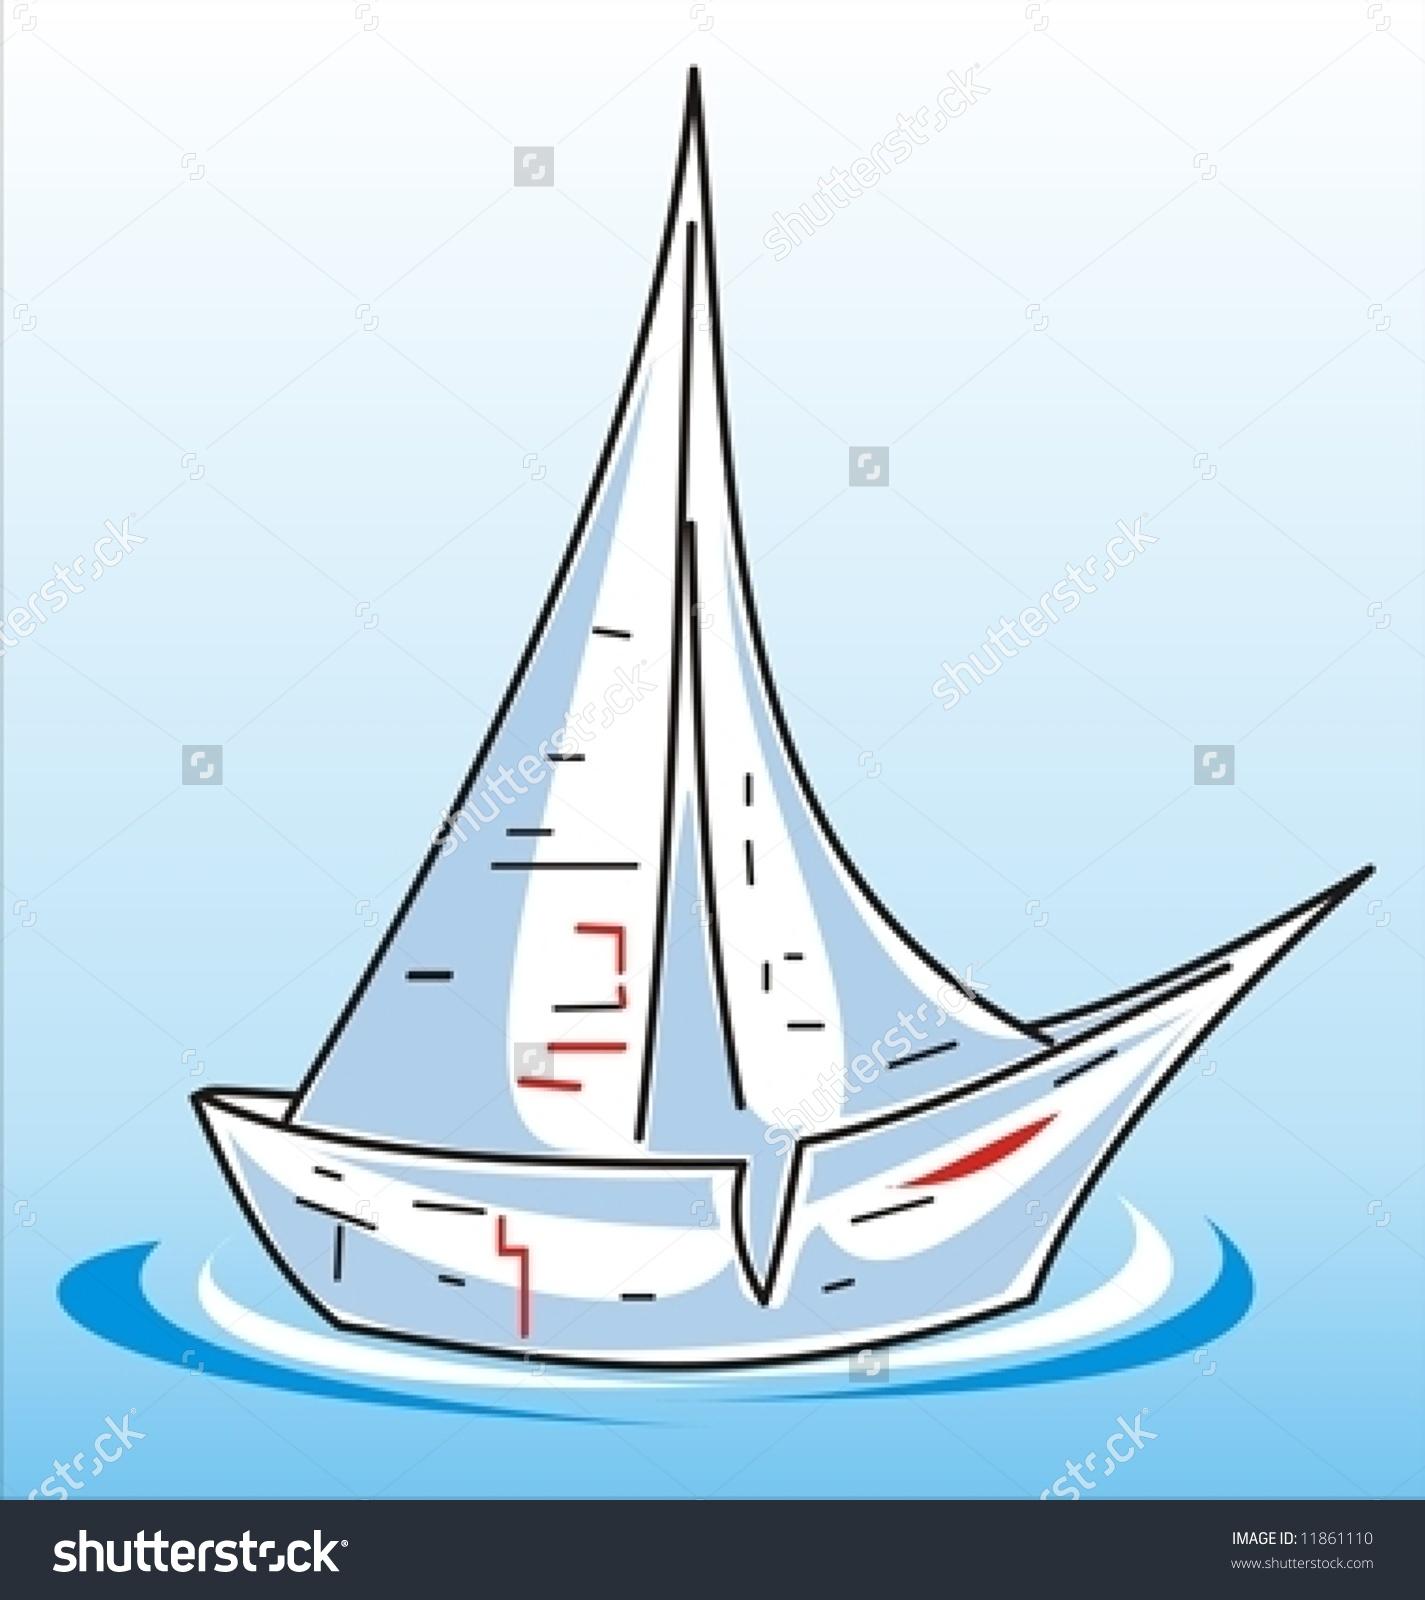 Empty Paper Boat Vector Stock Vector 11861110.